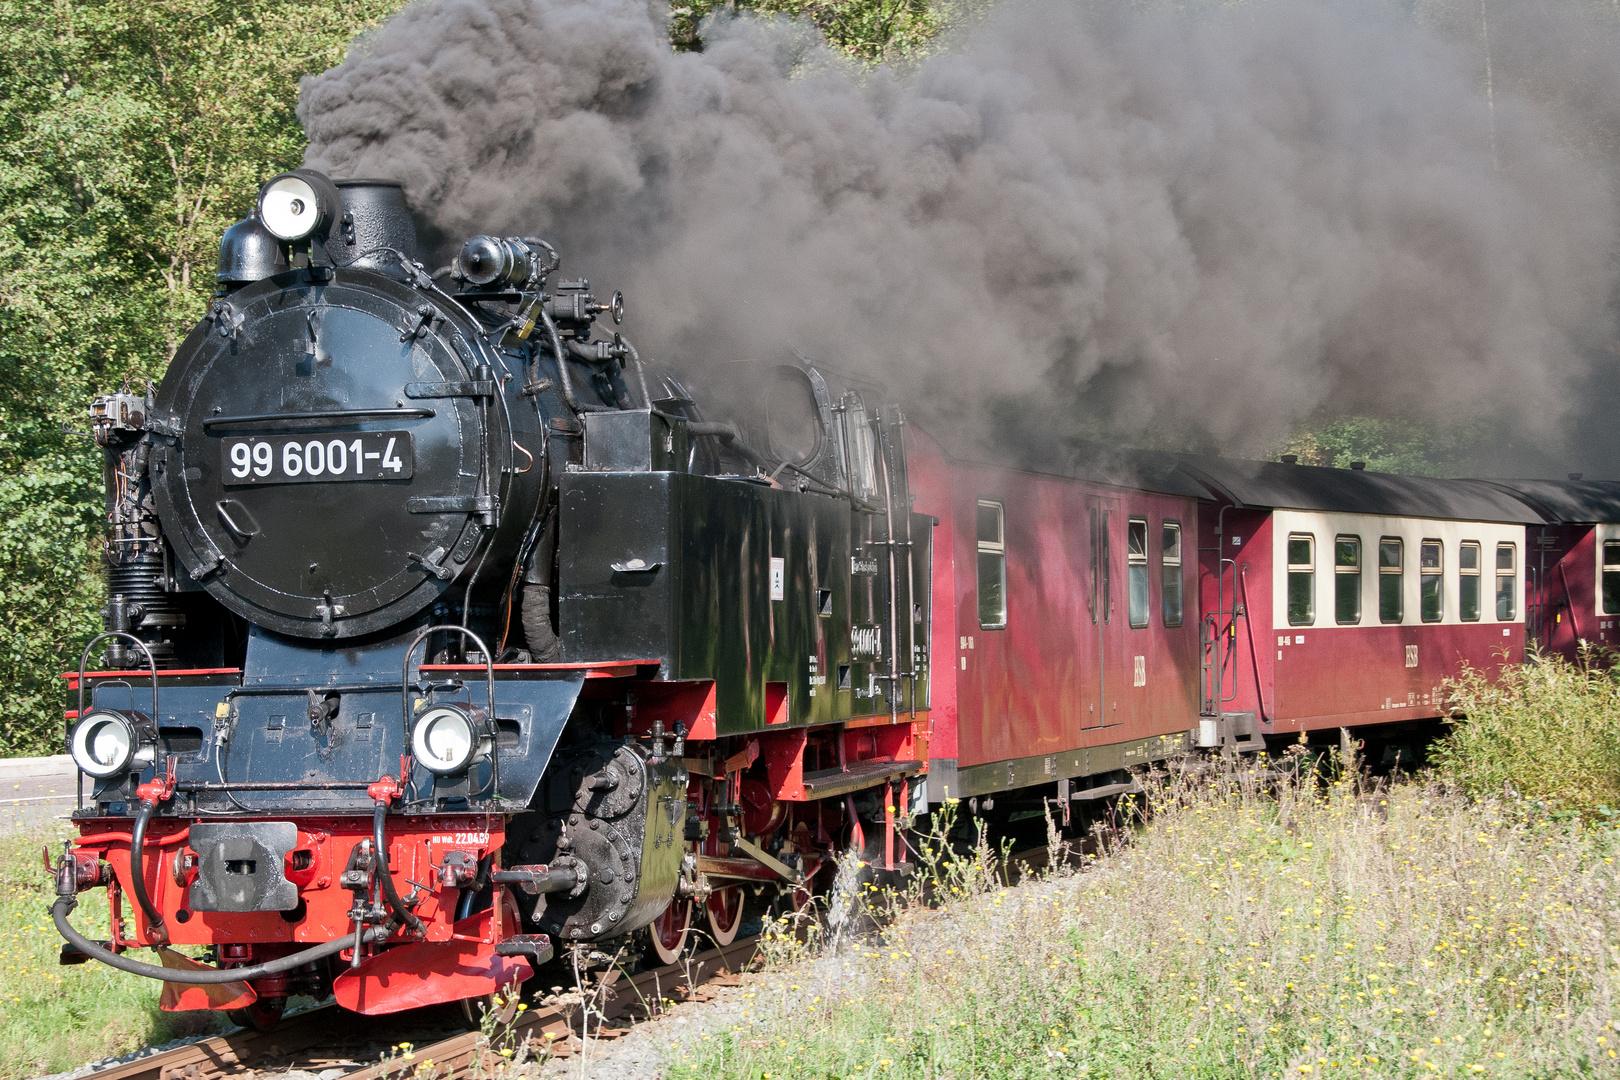 Selketalbahn006